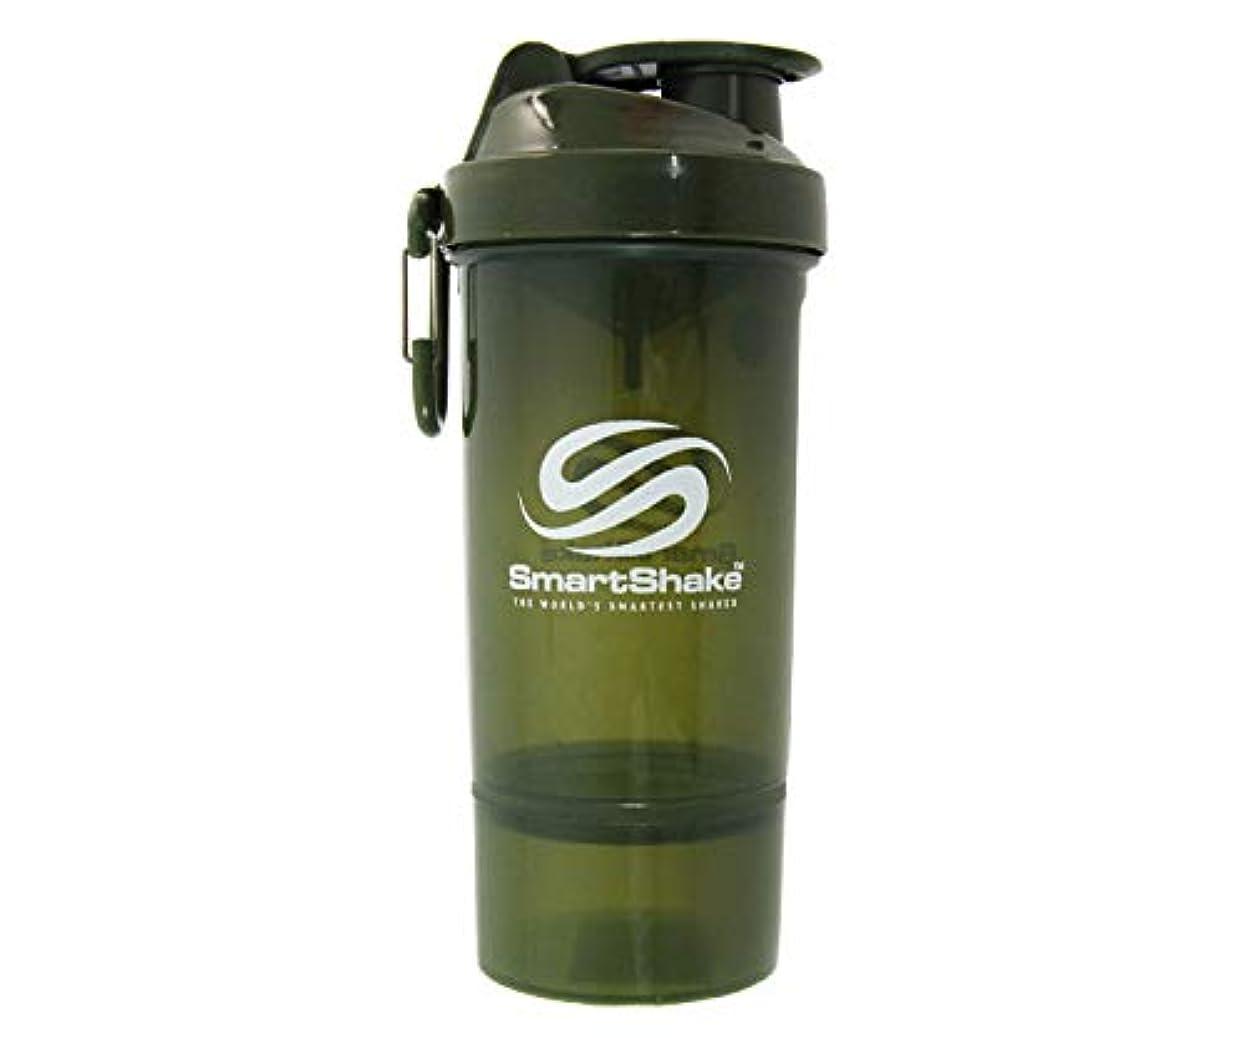 写真を描くアイロニートリッキーSmartShake(スマートシェイク) SmartShake ORIGINAL2GO ONE 800ml Army Green 多機能プロテインシェイカー アーミーグリーン 800ml大容量 コンテナ1段タイプ